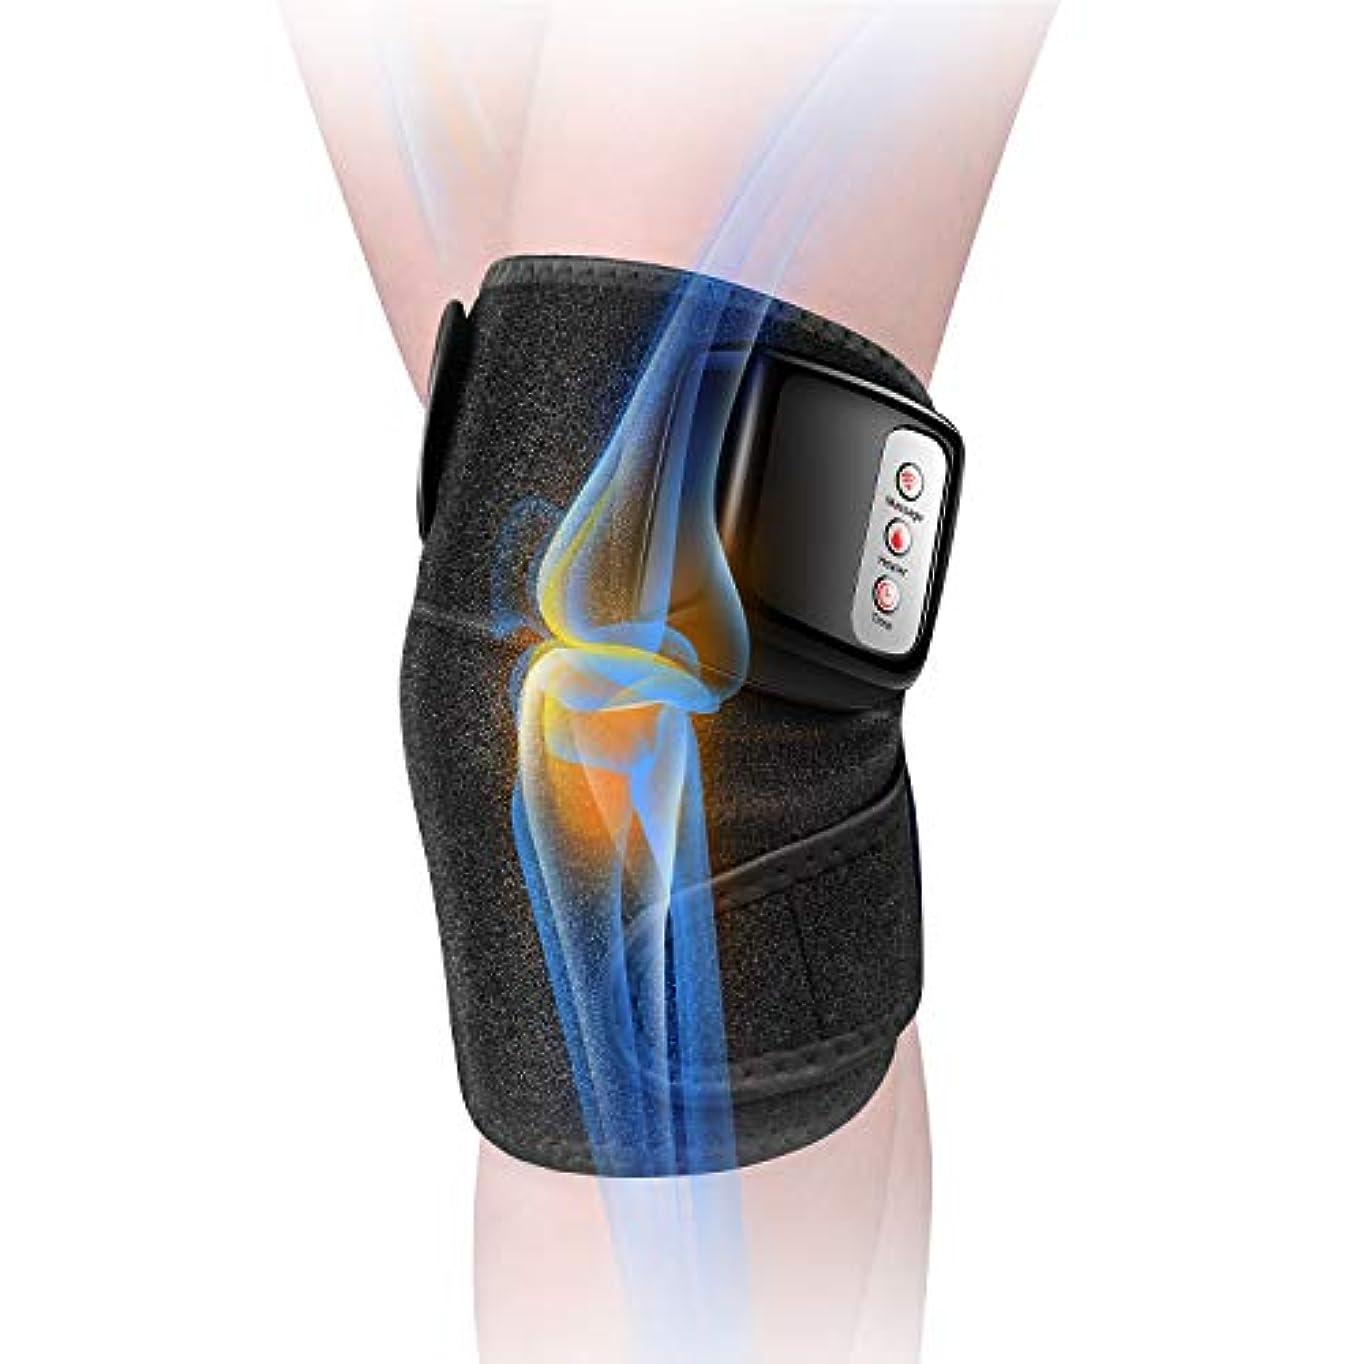 のヒープベーカリー硬化する膝マッサージャー 関節マッサージャー マッサージ器 フットマッサージャー 振動 赤外線療法 温熱療法 膝サポーター ストレス解消 肩 太もも/腕対応